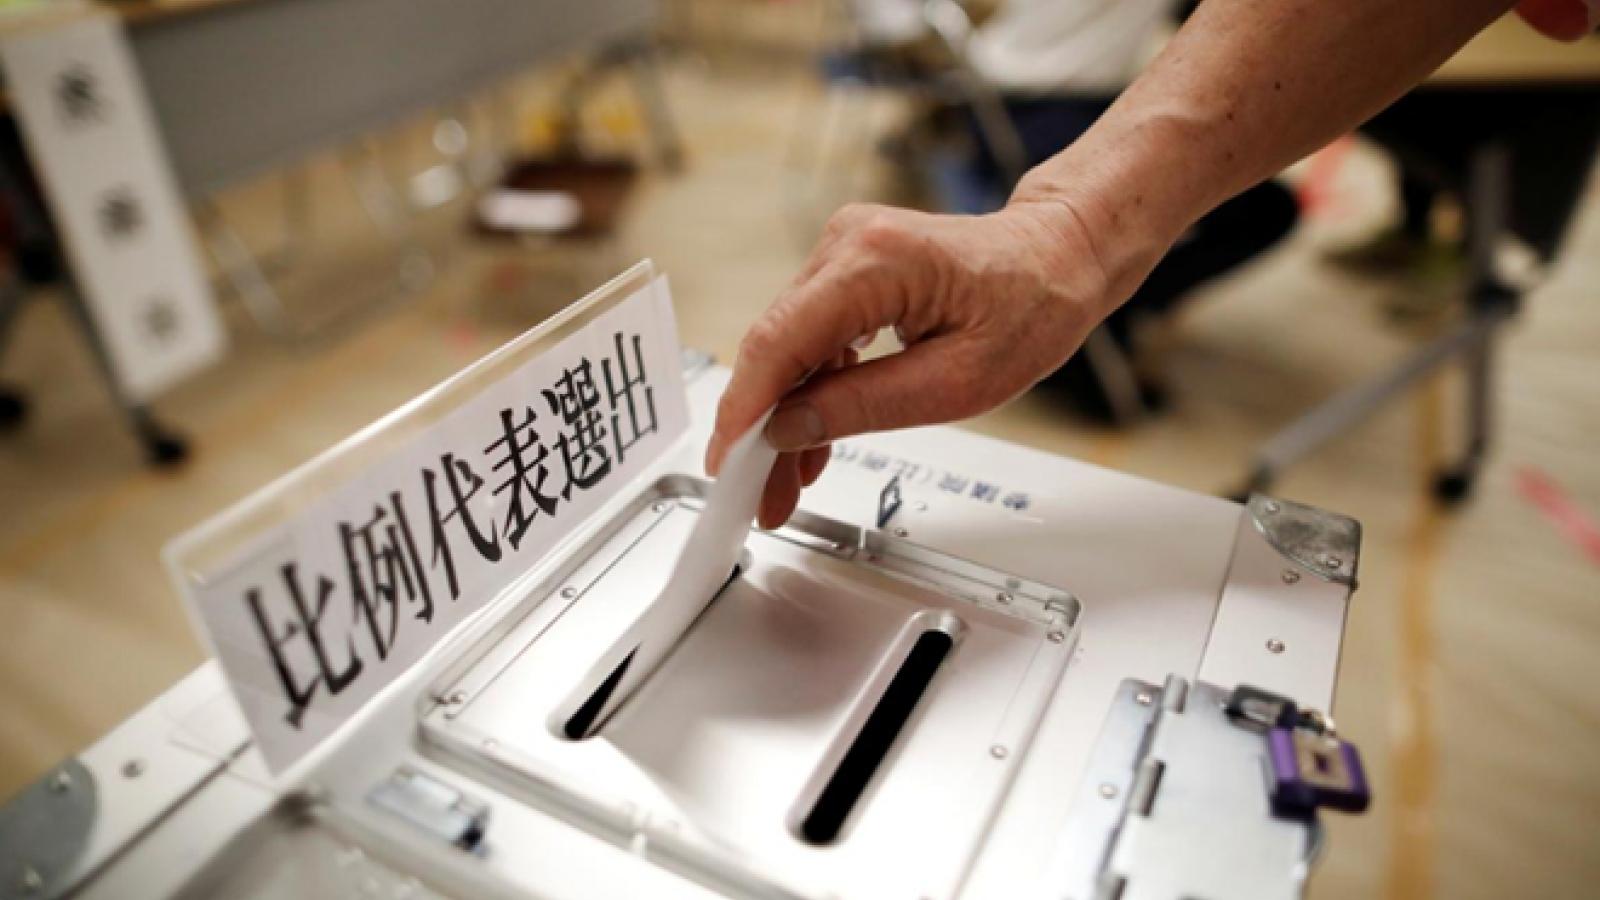 Lý do đảng cầm quyền của Thủ tướng Nhật Bản Suga thất bại trong cuộc bầu cử bổ sung